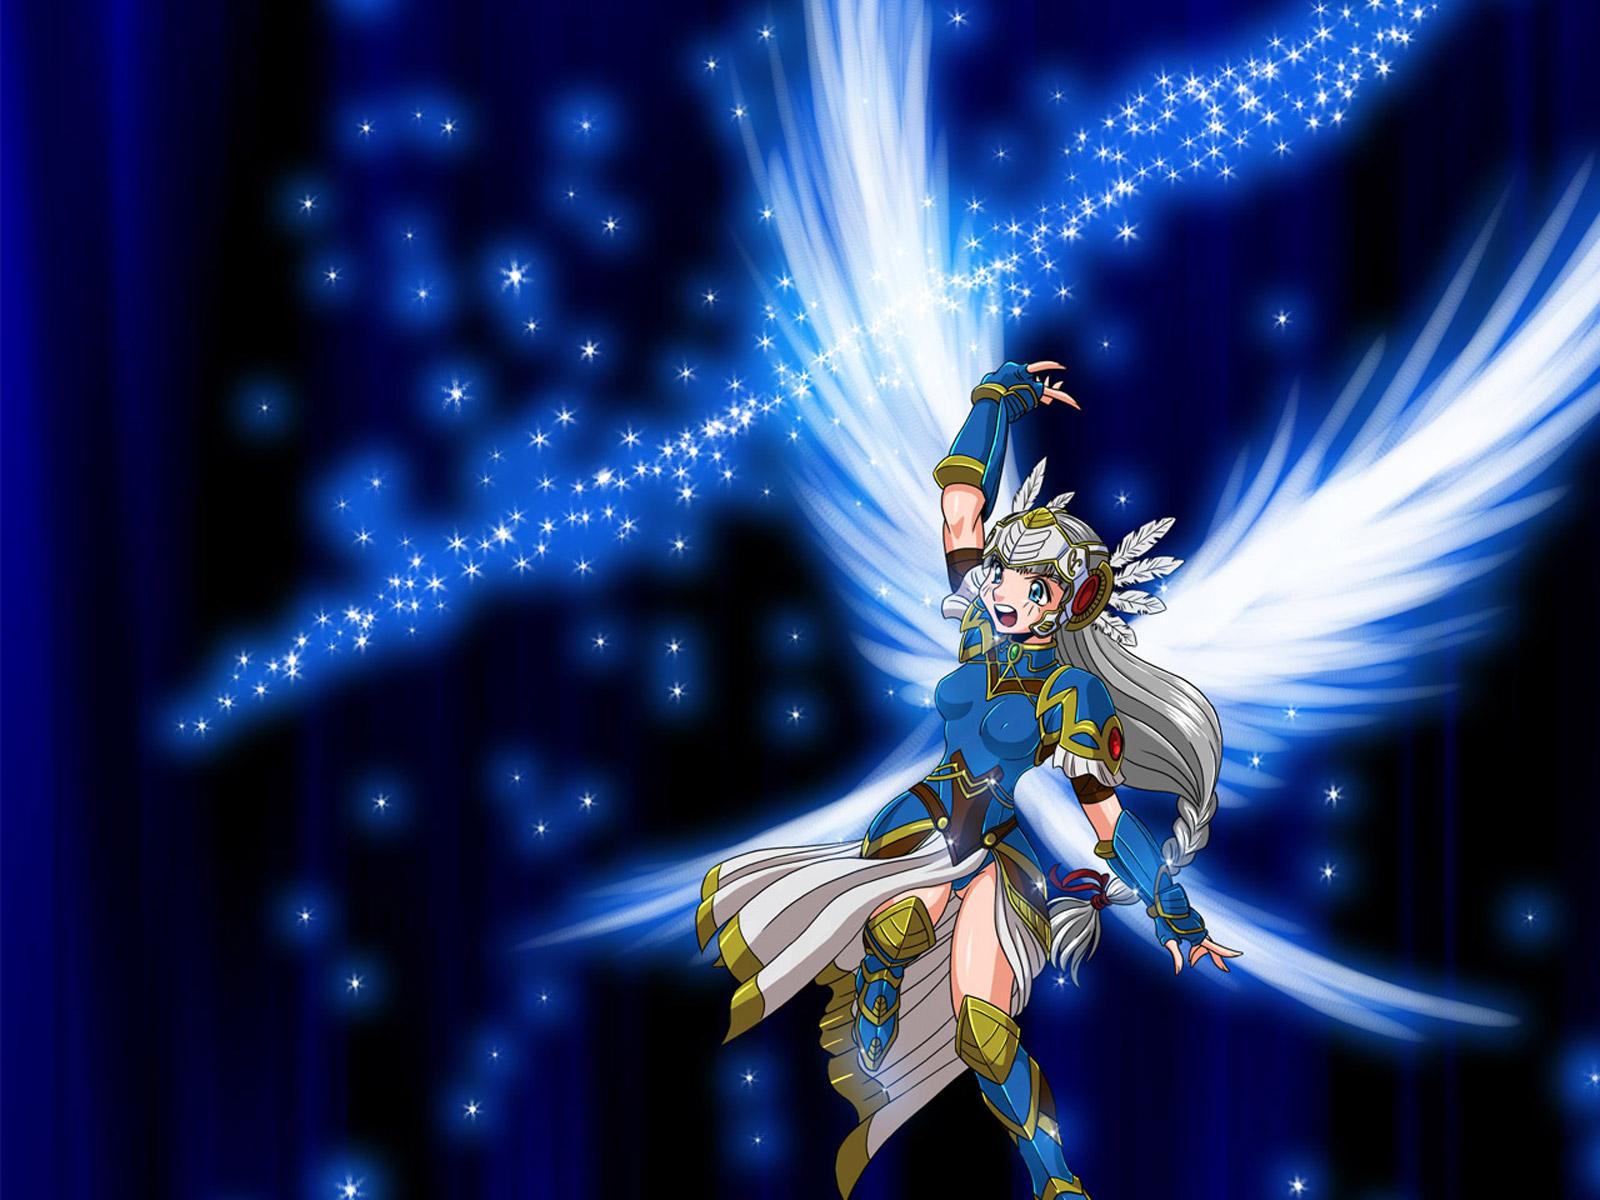 http://4.bp.blogspot.com/-5bt3hcpgalQ/UHDC6eVWhTI/AAAAAAAAAVw/7-P7sHfxyG8/s1600/anime+wallpaper+1.jpg